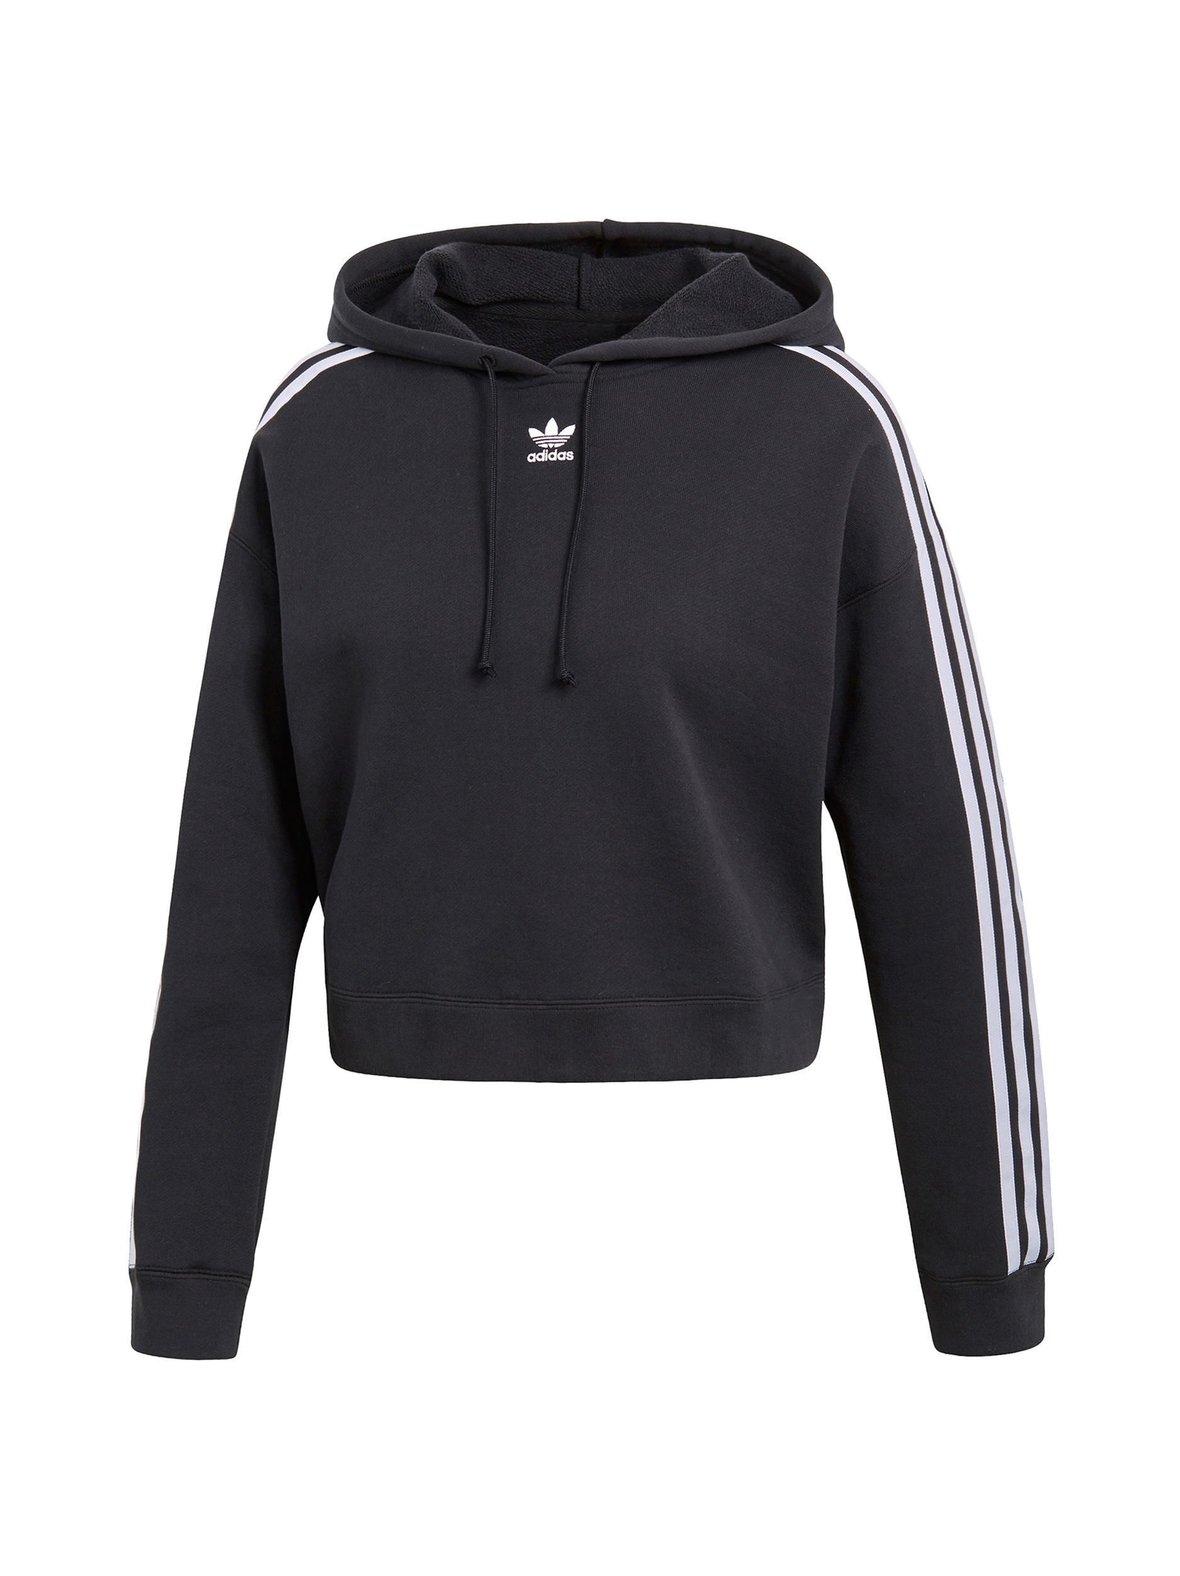 Black (musta) Adidas Originals Cropped Hoodie -huppari CY4766  ea22eff680